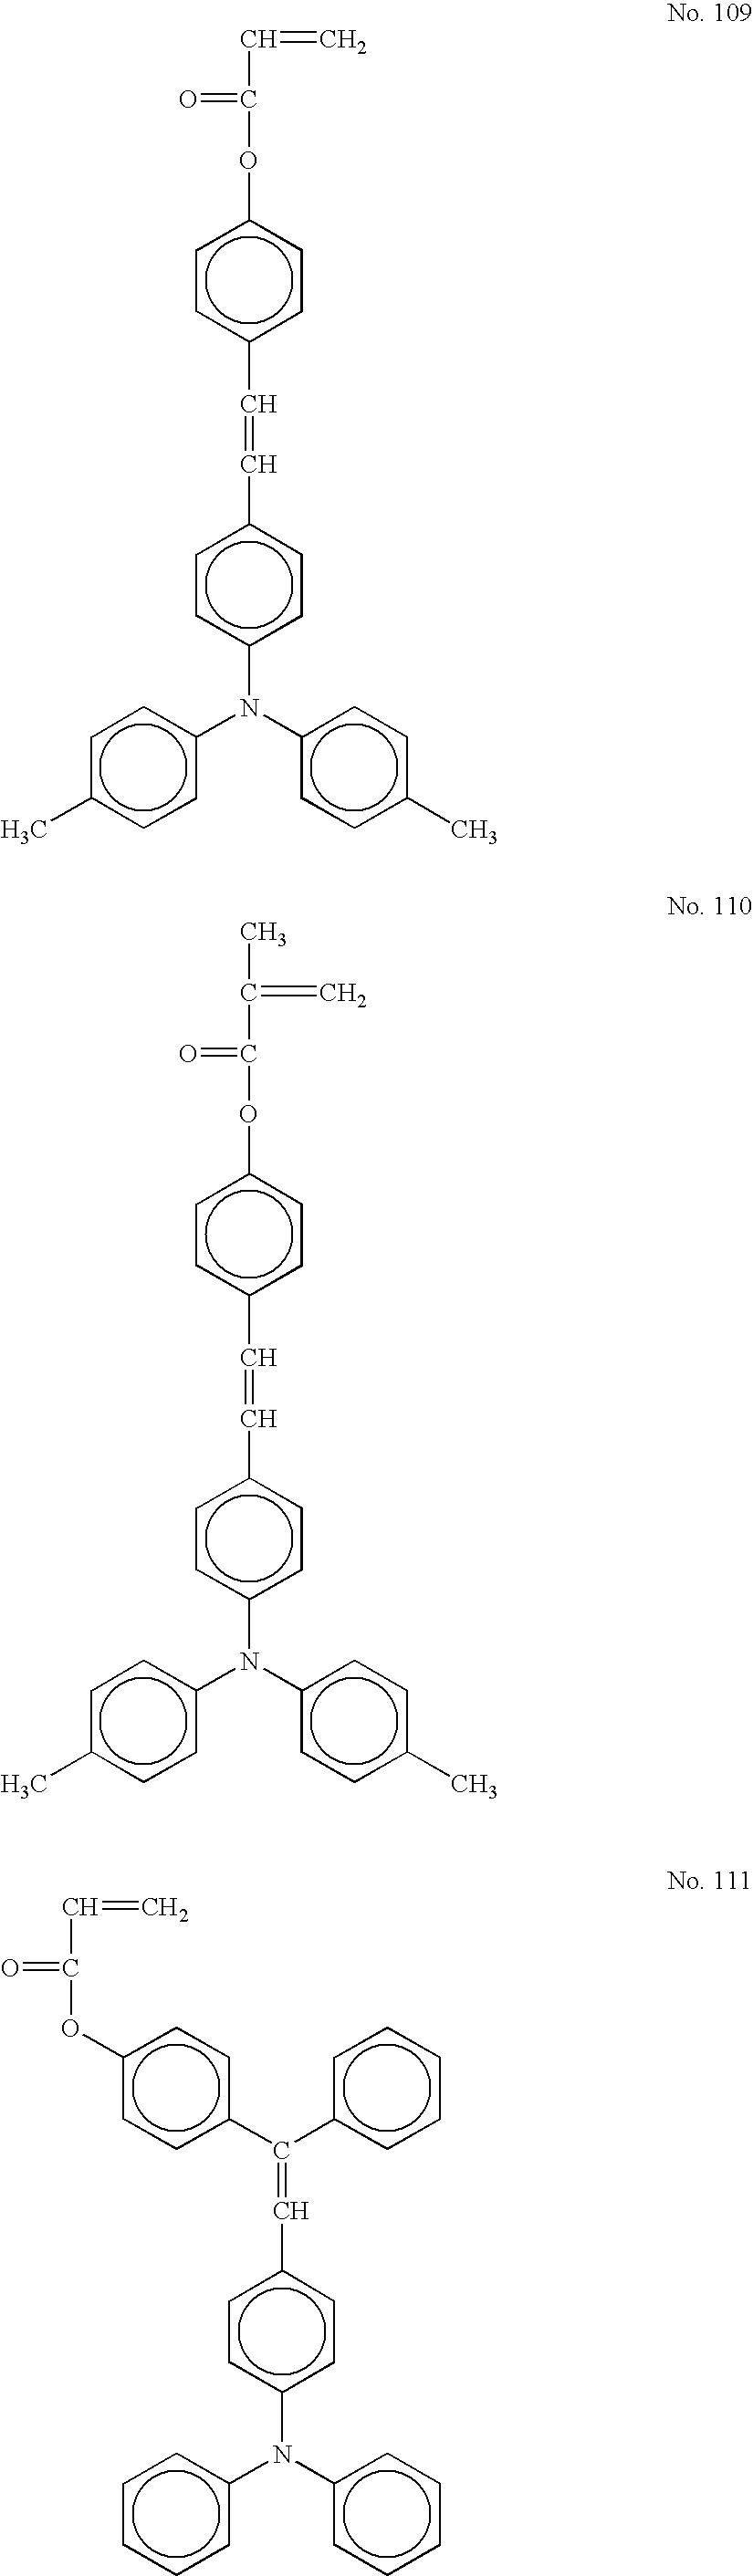 Figure US07390600-20080624-C00039